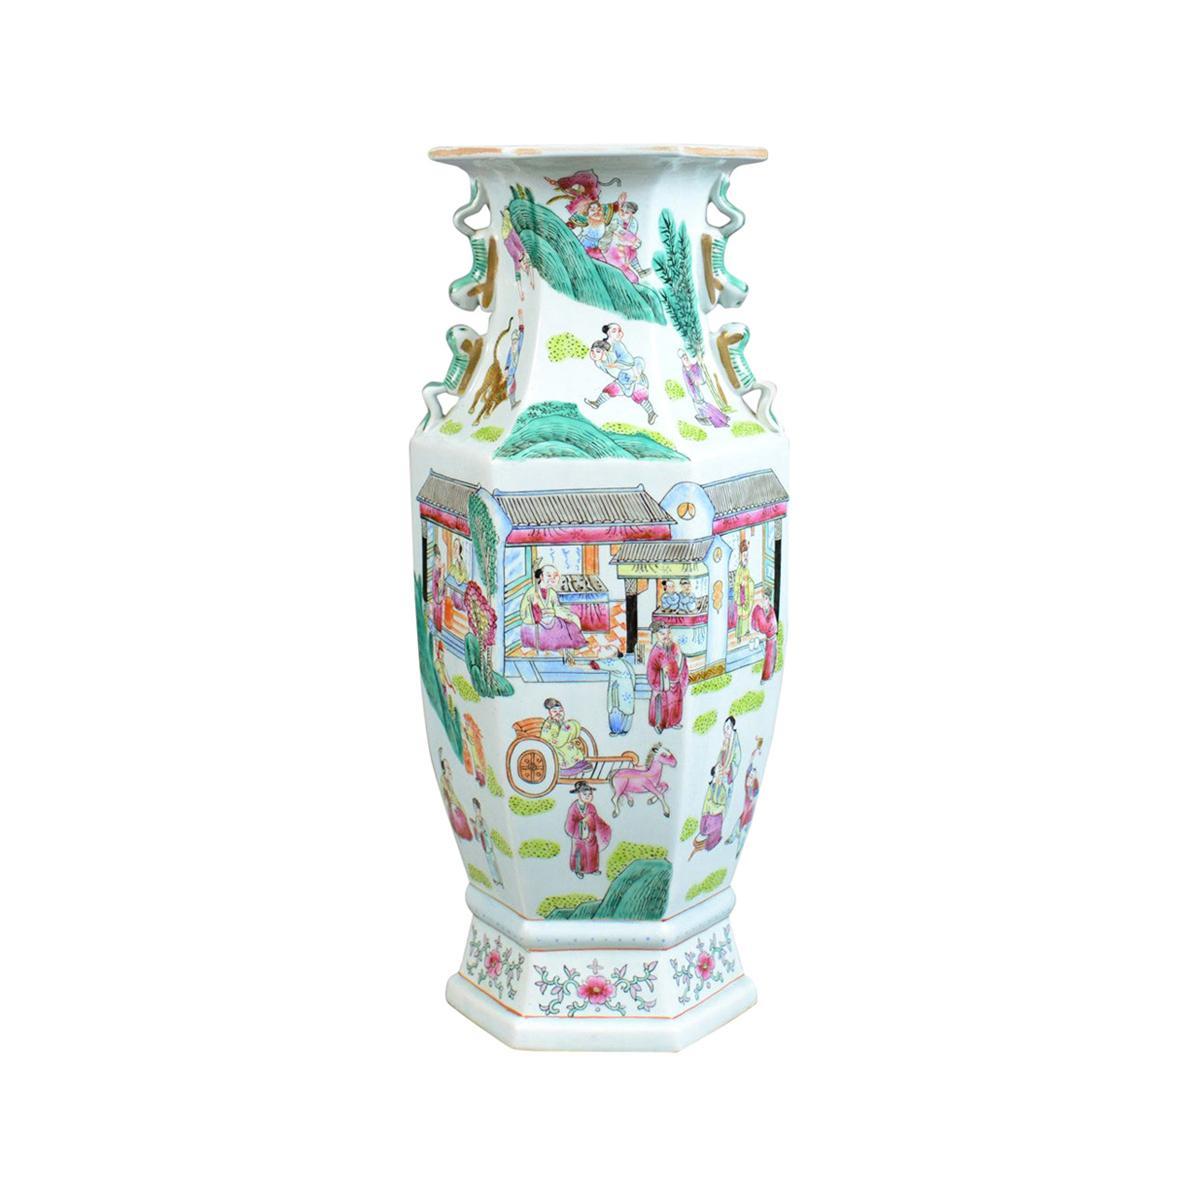 Mid-20th Century, Hexagonal, Baluster Vase, Chinese Ceramic Urn